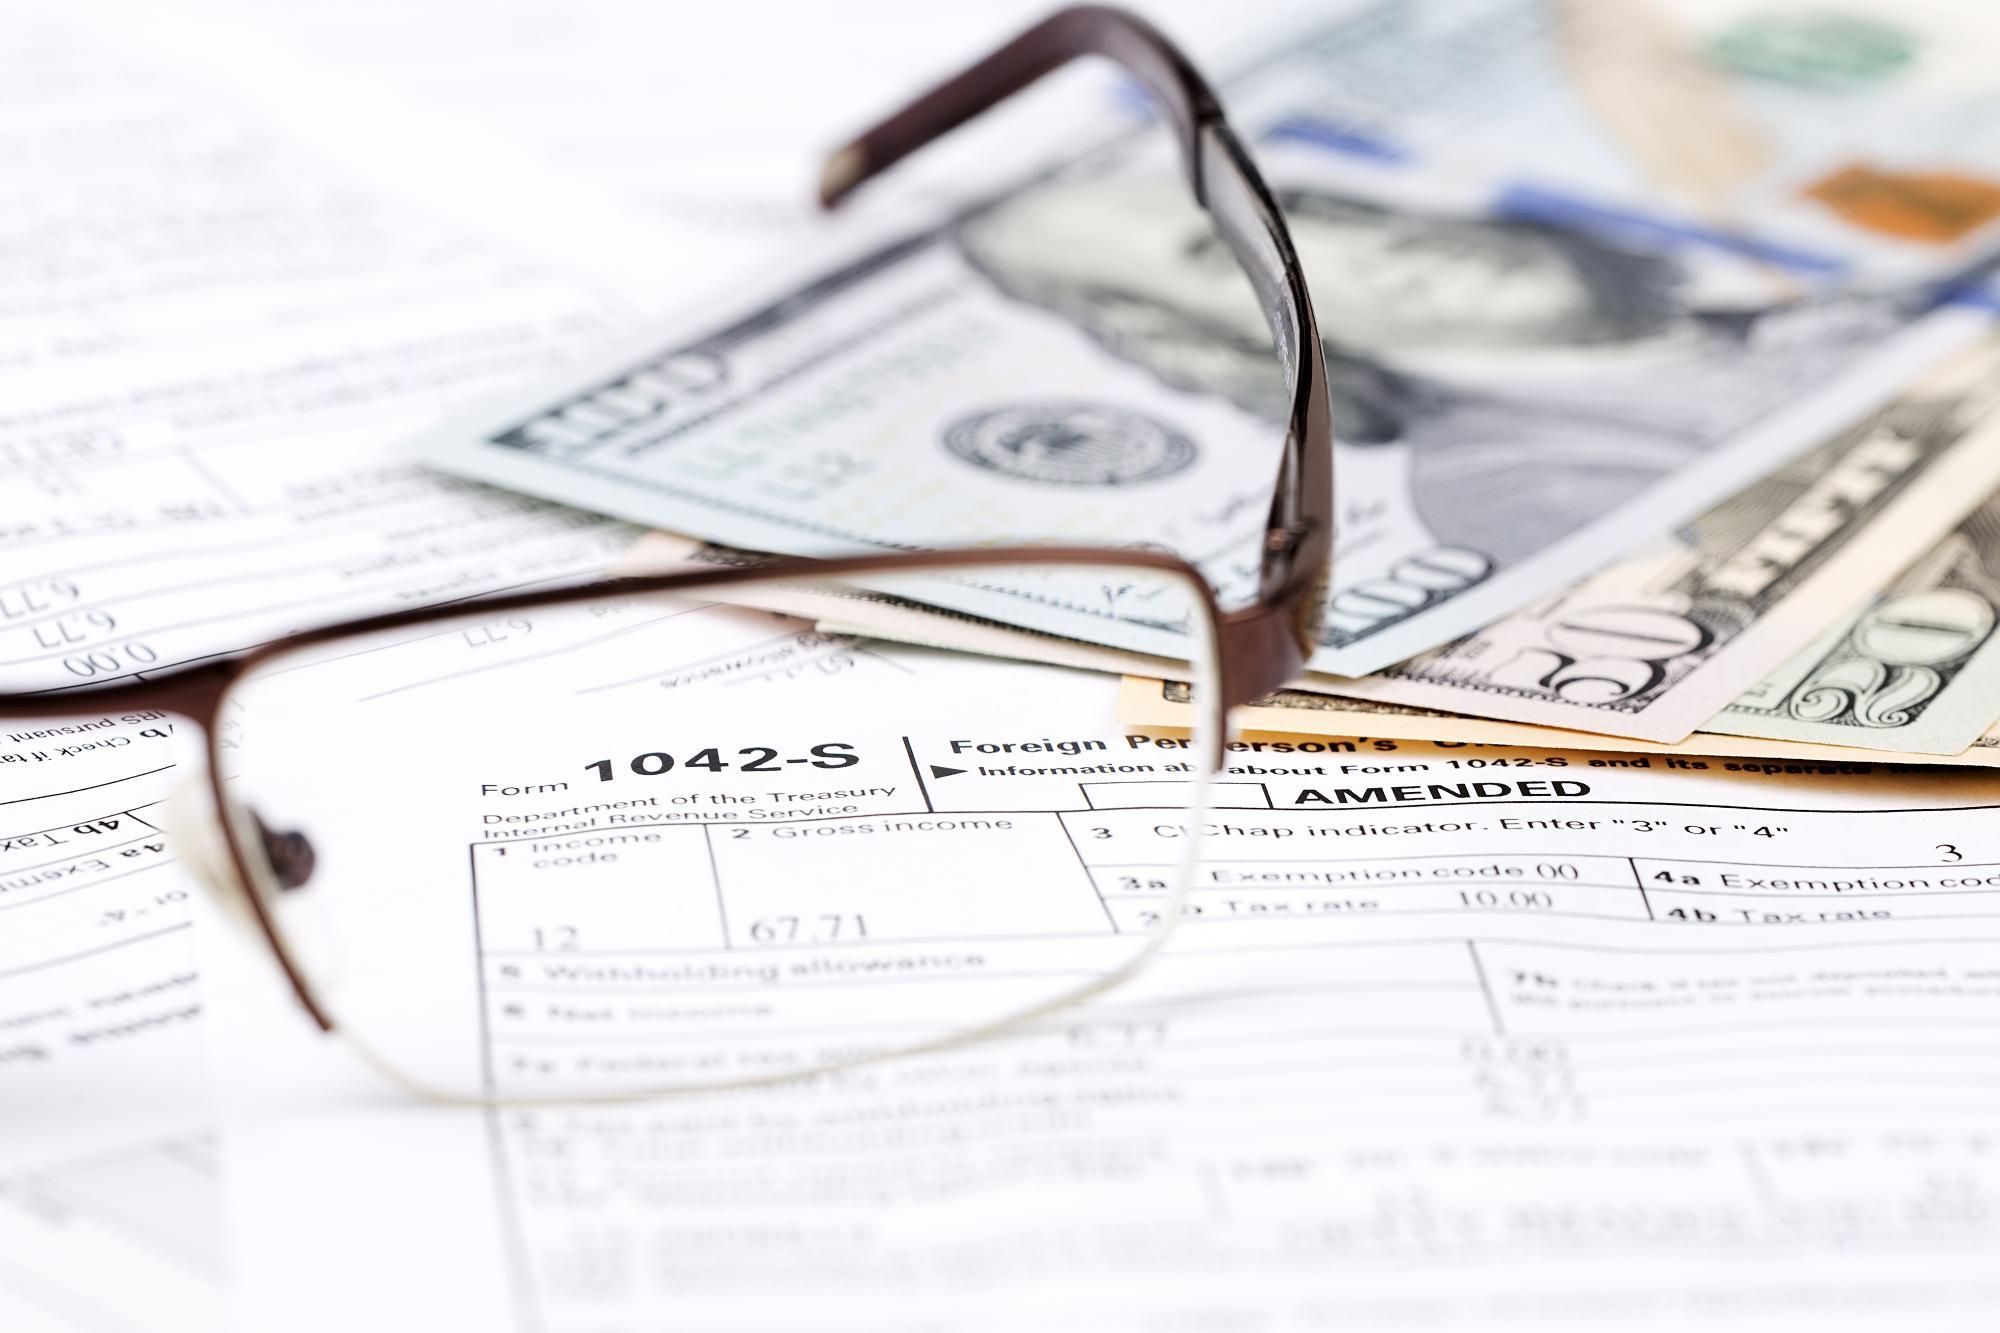 Налоговый резидент и «валютный» резидент все-таки не одно и то же